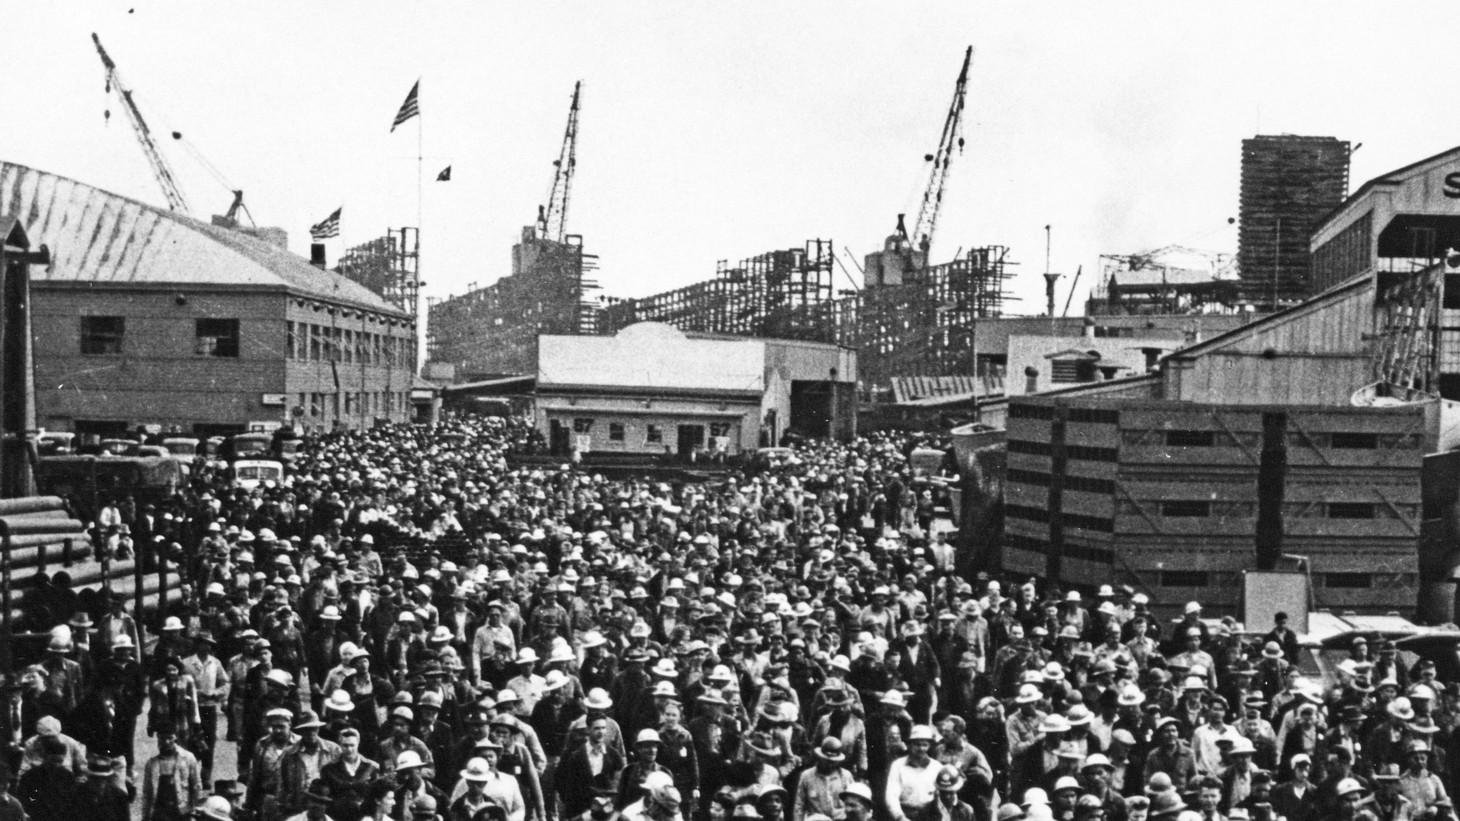 Richmond Shipyard